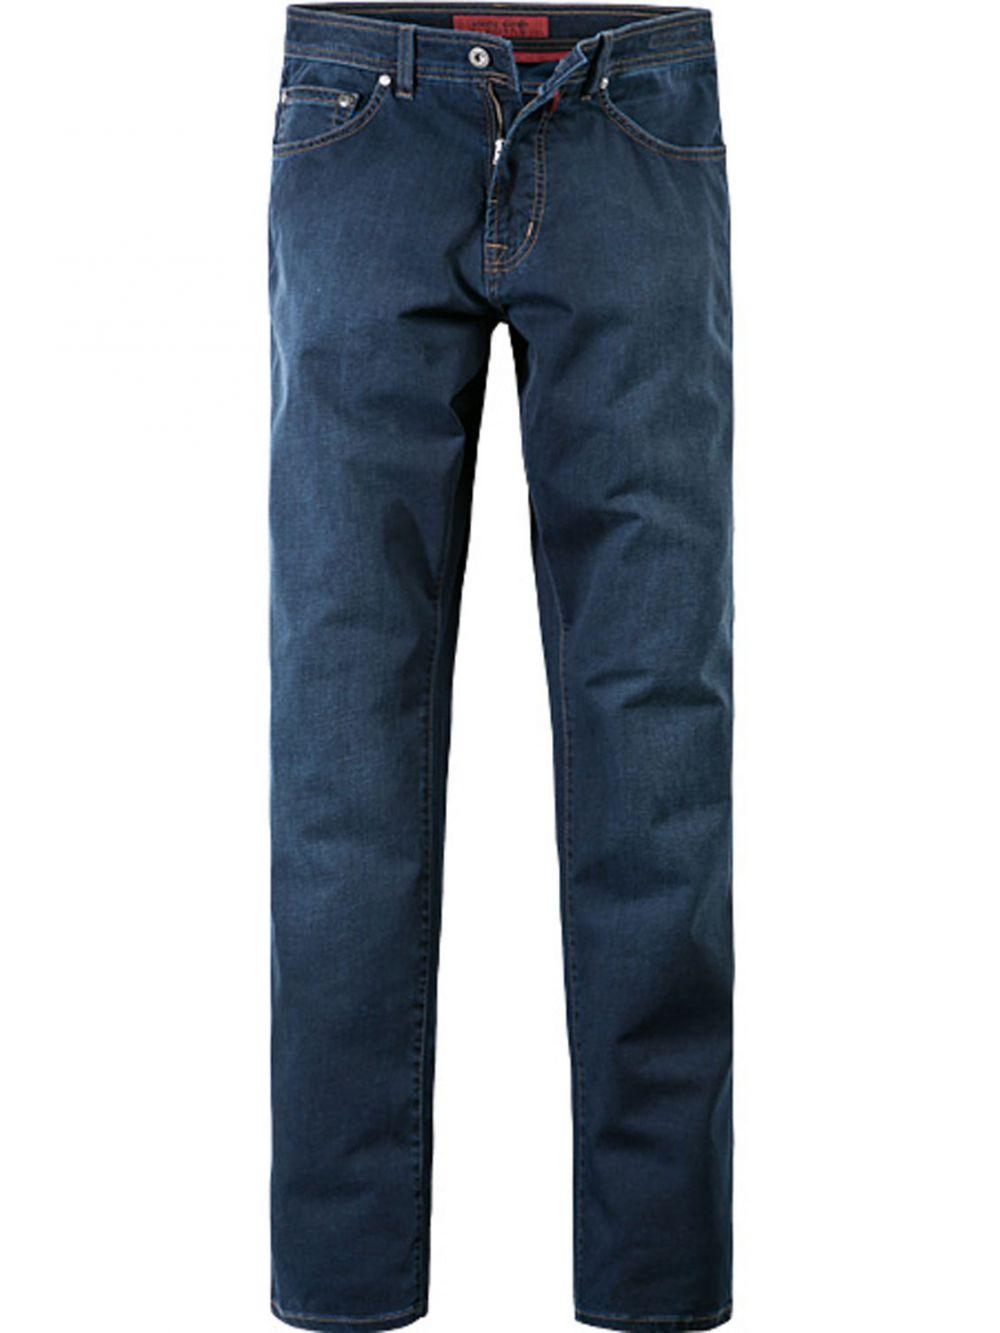 jeans pierre cardin mod le deauville 735061 pas cher. Black Bedroom Furniture Sets. Home Design Ideas